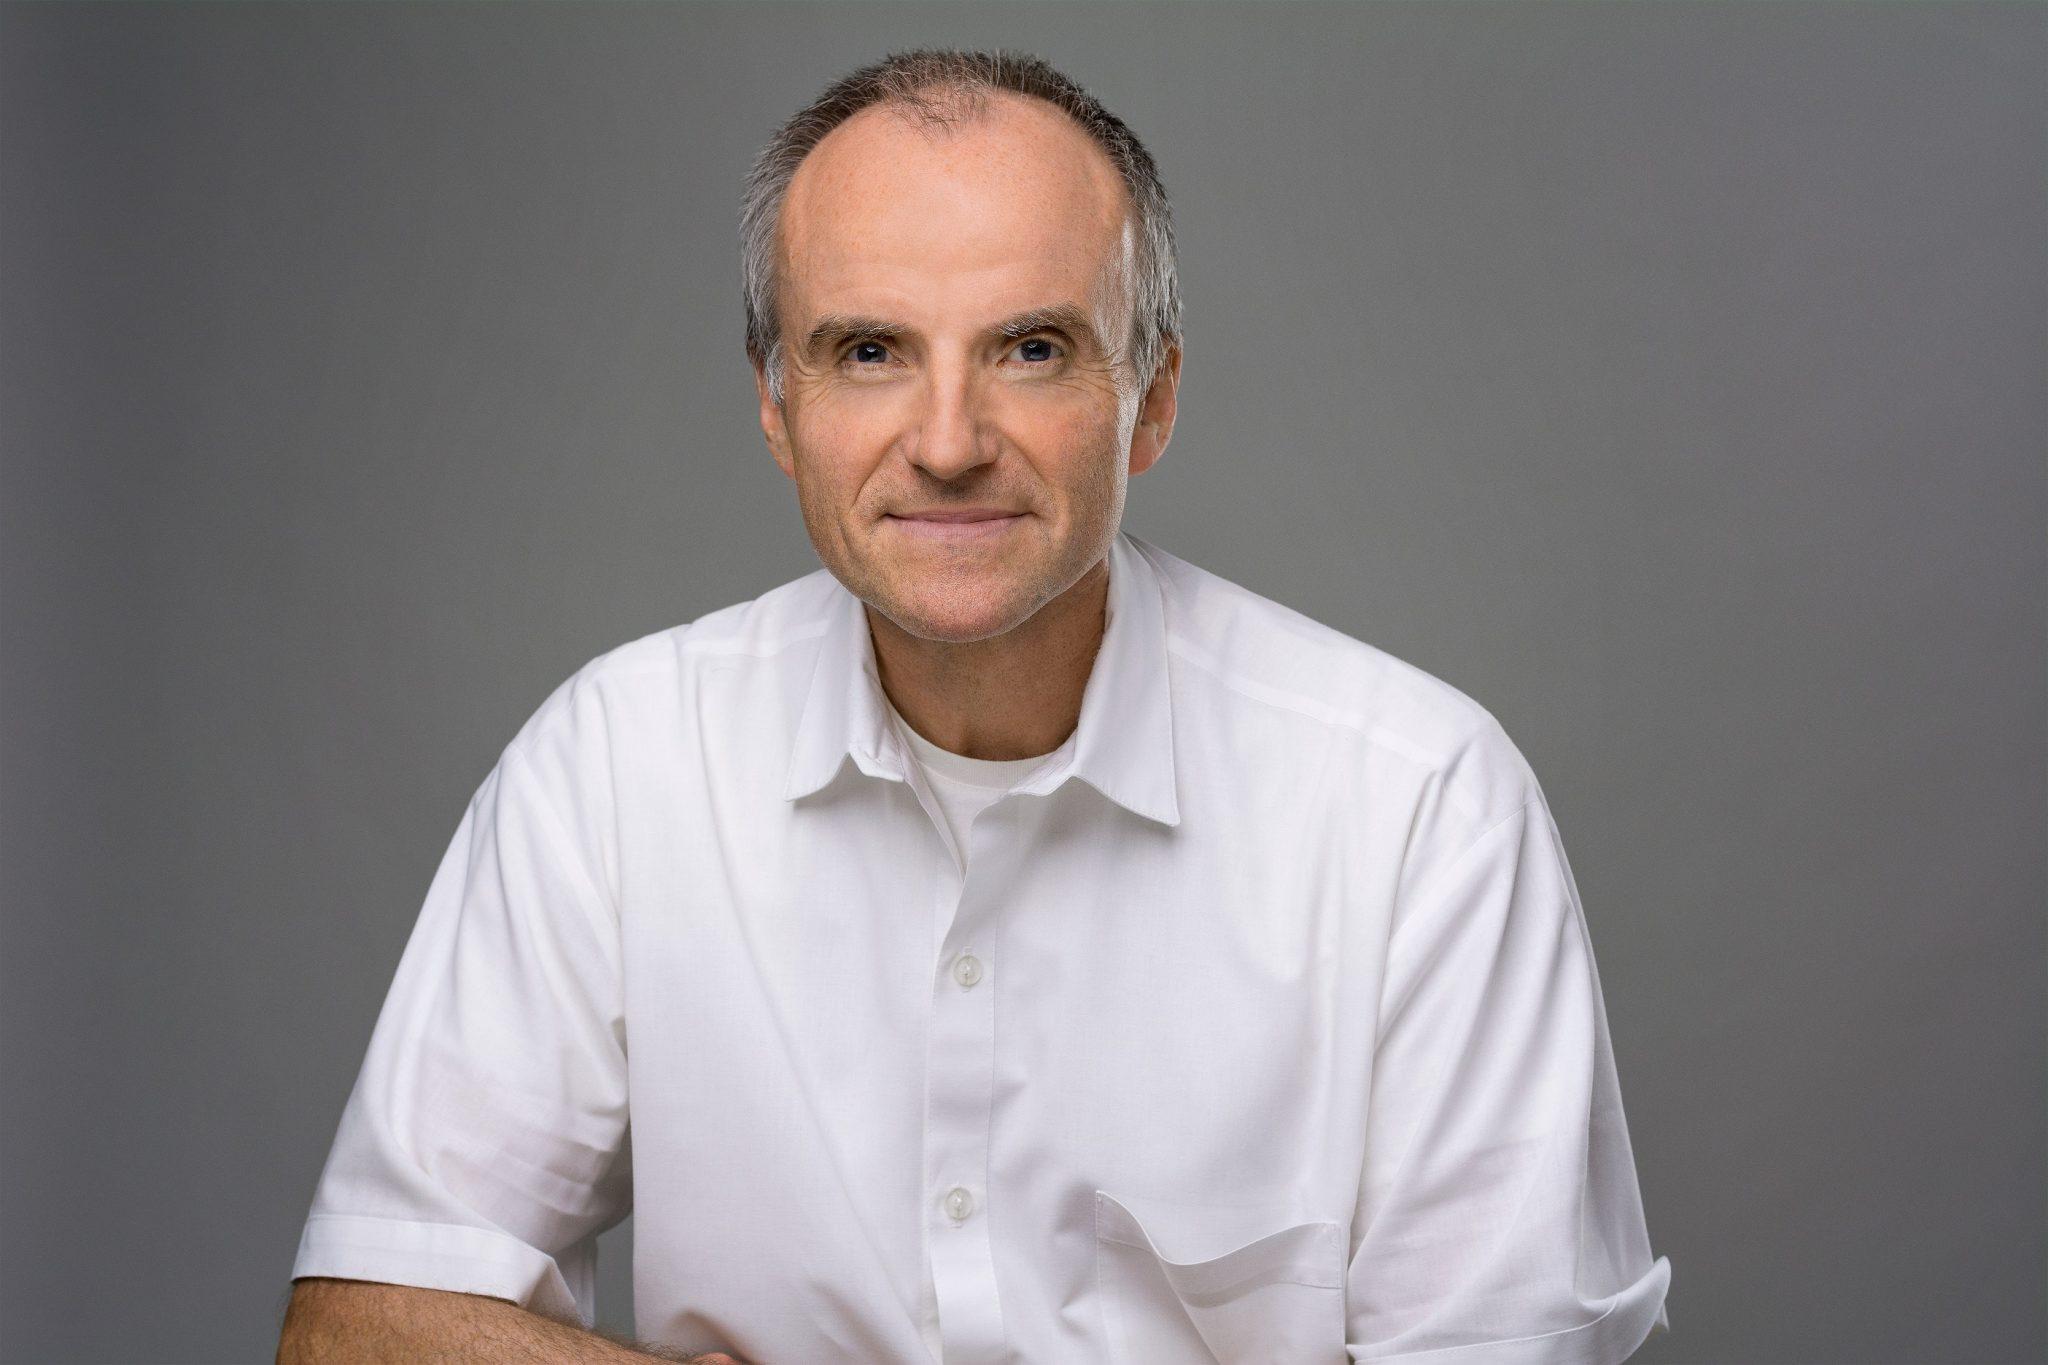 Dr. Helmut Nobbe